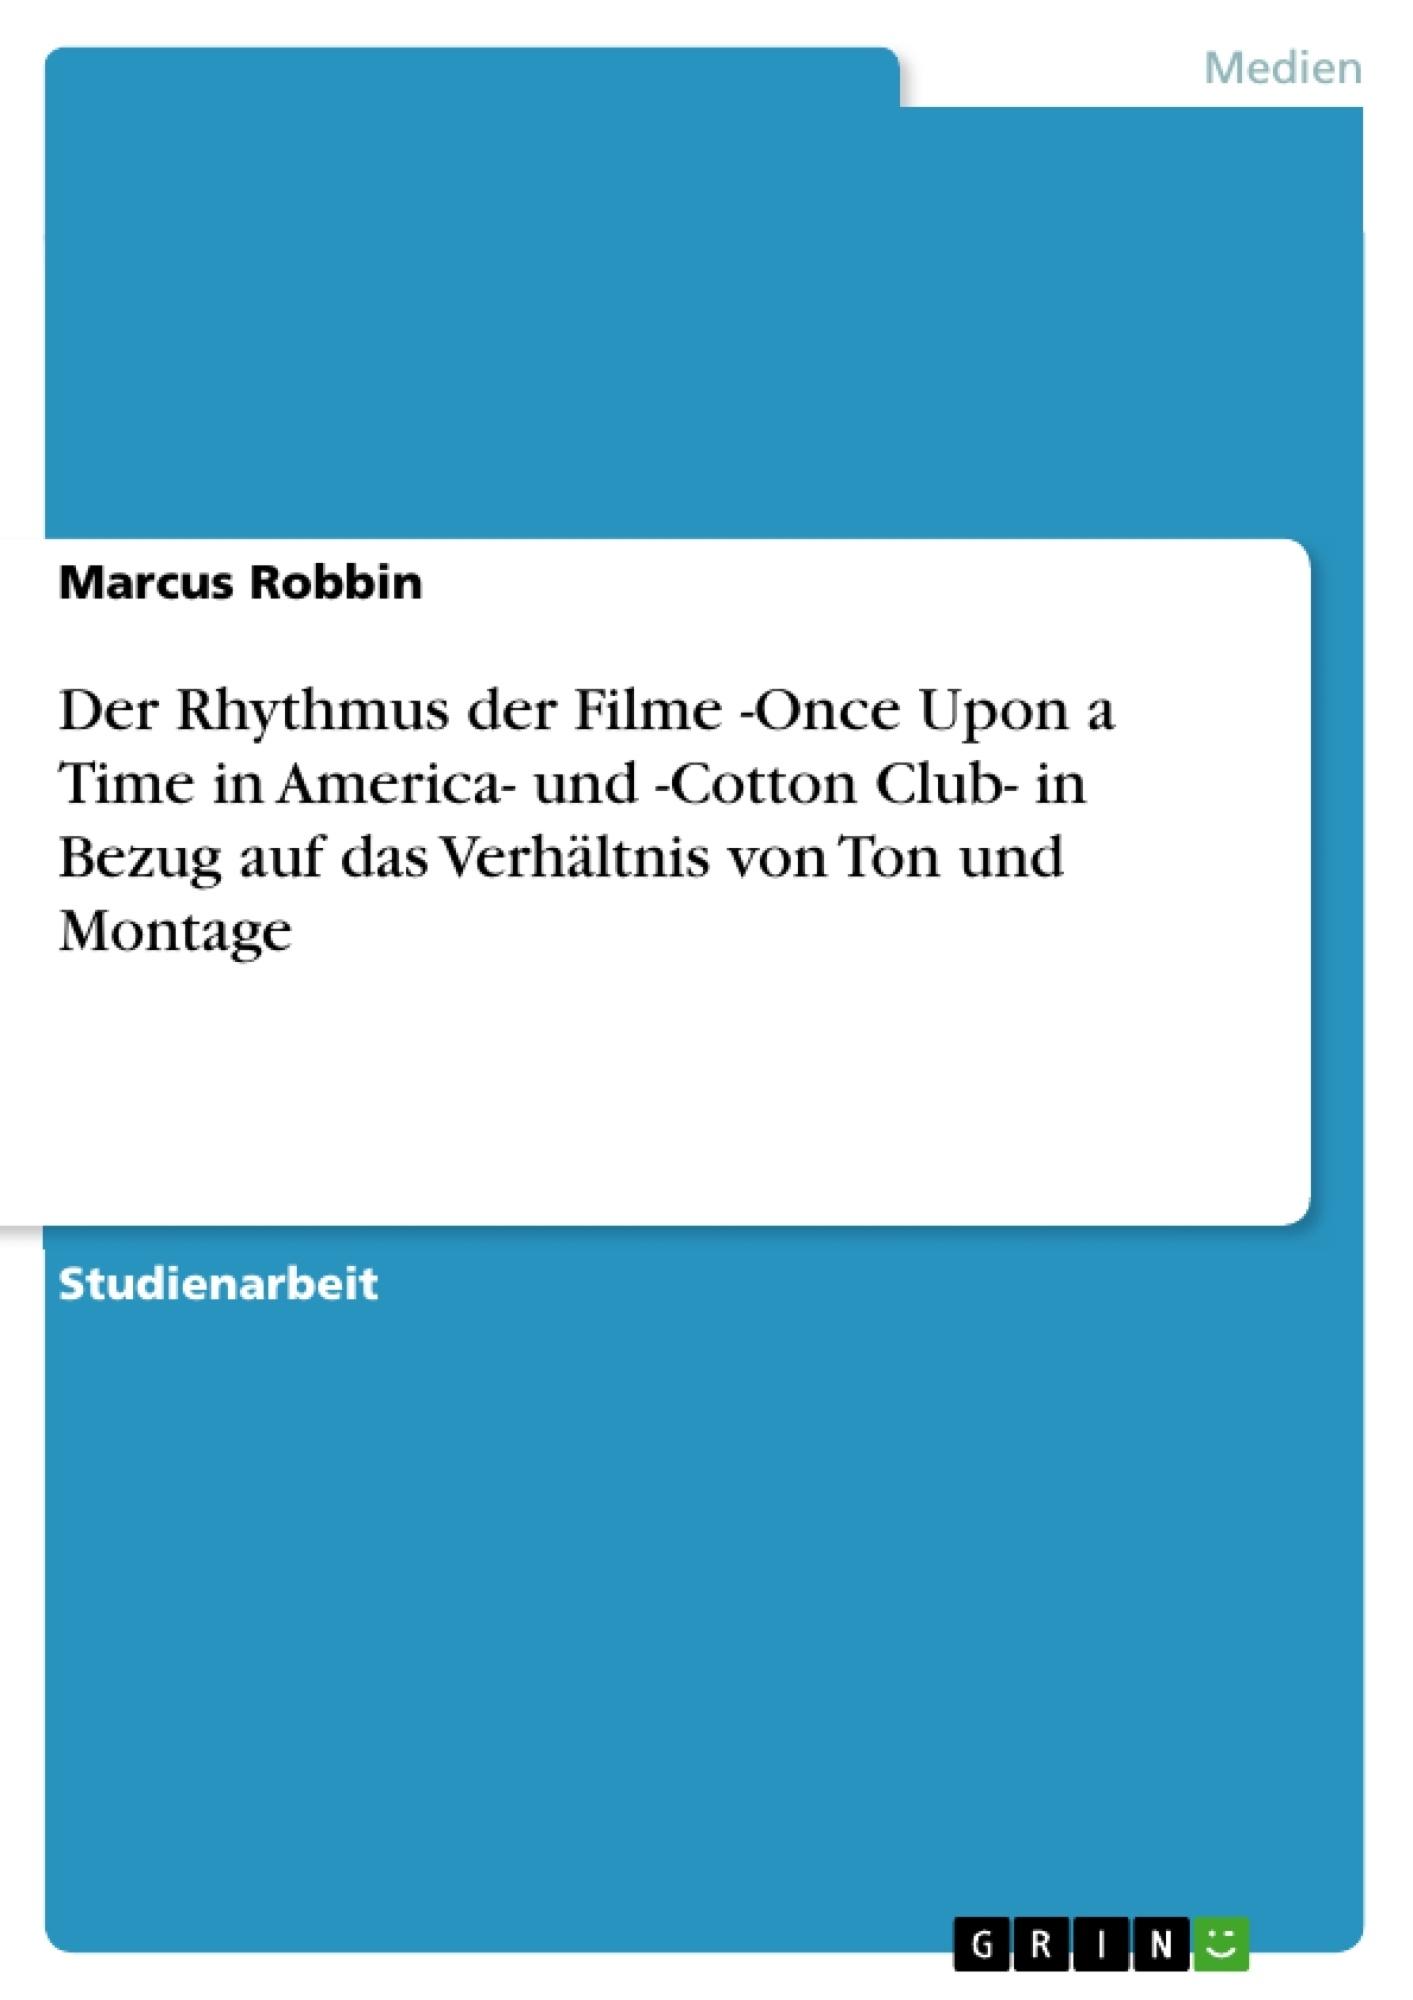 Titel: Der Rhythmus der Filme -Once Upon a Time in America- und -Cotton Club- in Bezug auf das Verhältnis von Ton und Montage